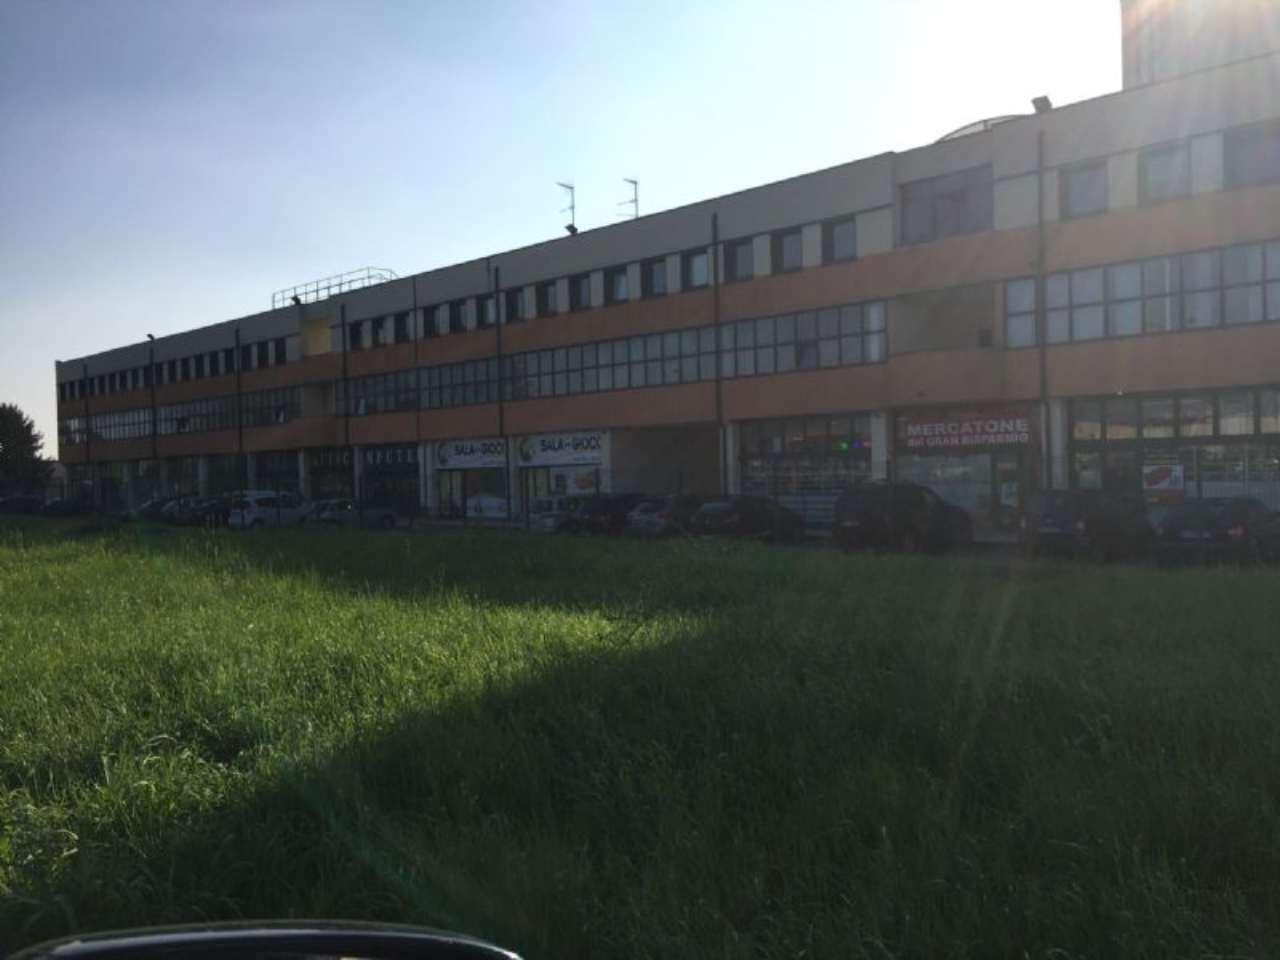 Ufficio / Studio in affitto a Magenta, 2 locali, prezzo € 600 | CambioCasa.it